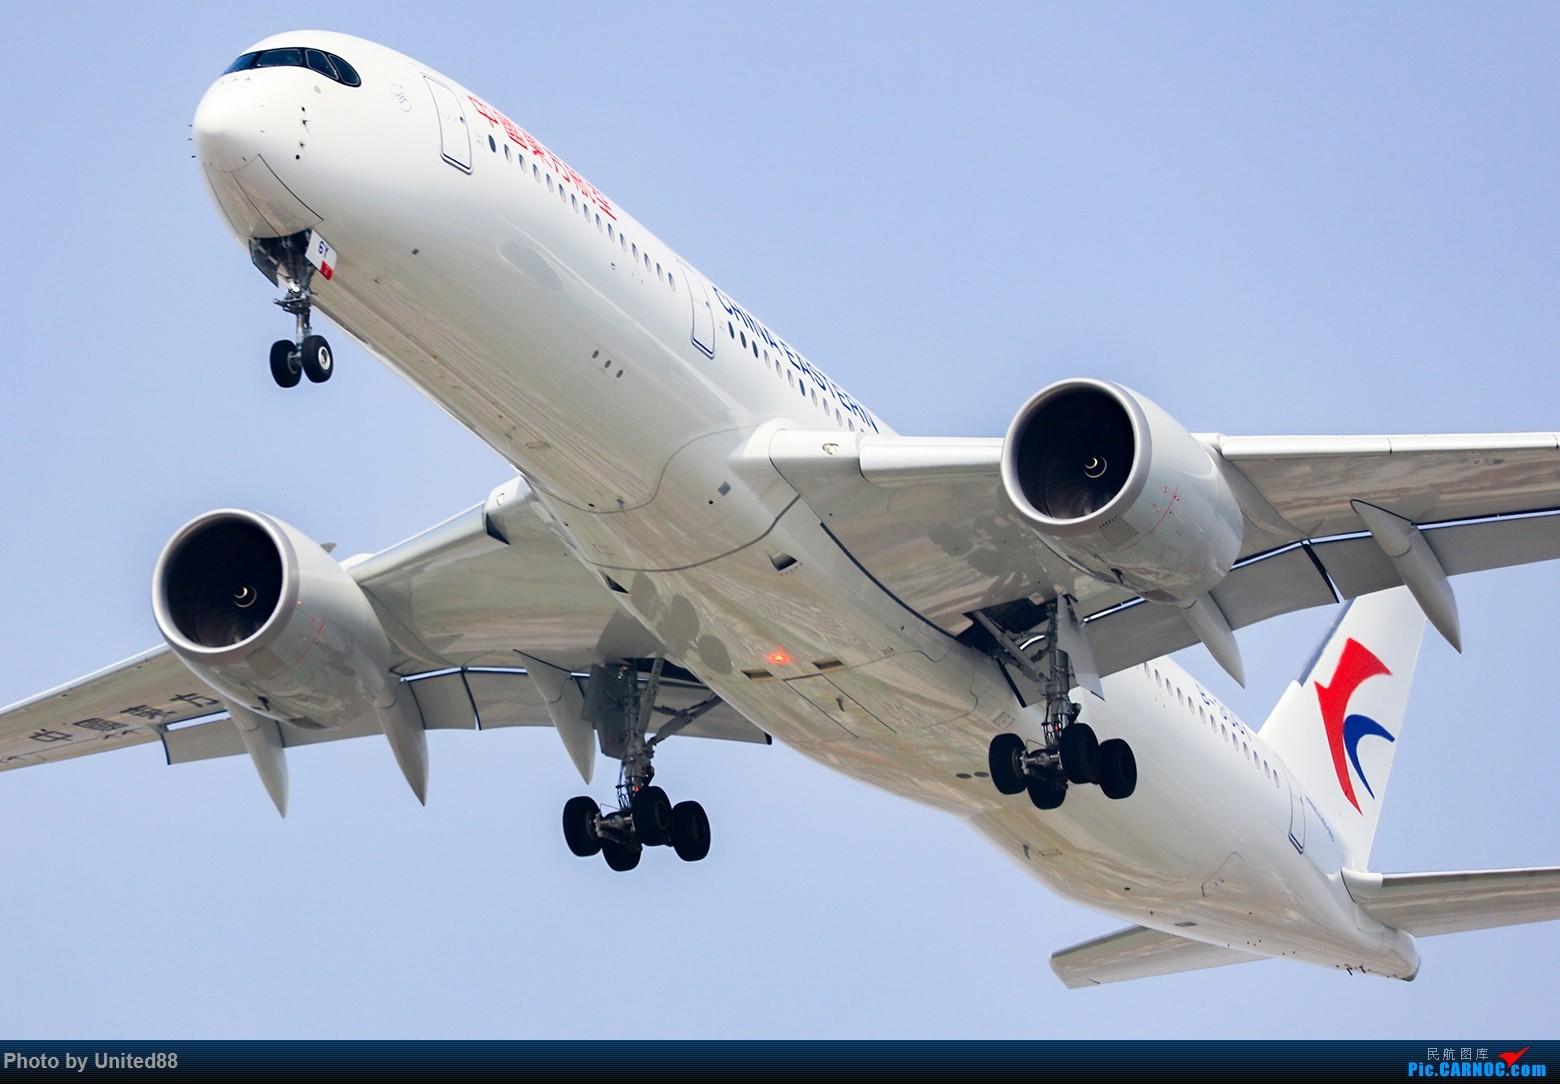 Re:[原创]ZBAA RWY1-9 洛杉矶视角 AIRBUS A350-900 B-306Y 中国北京首都国际机场